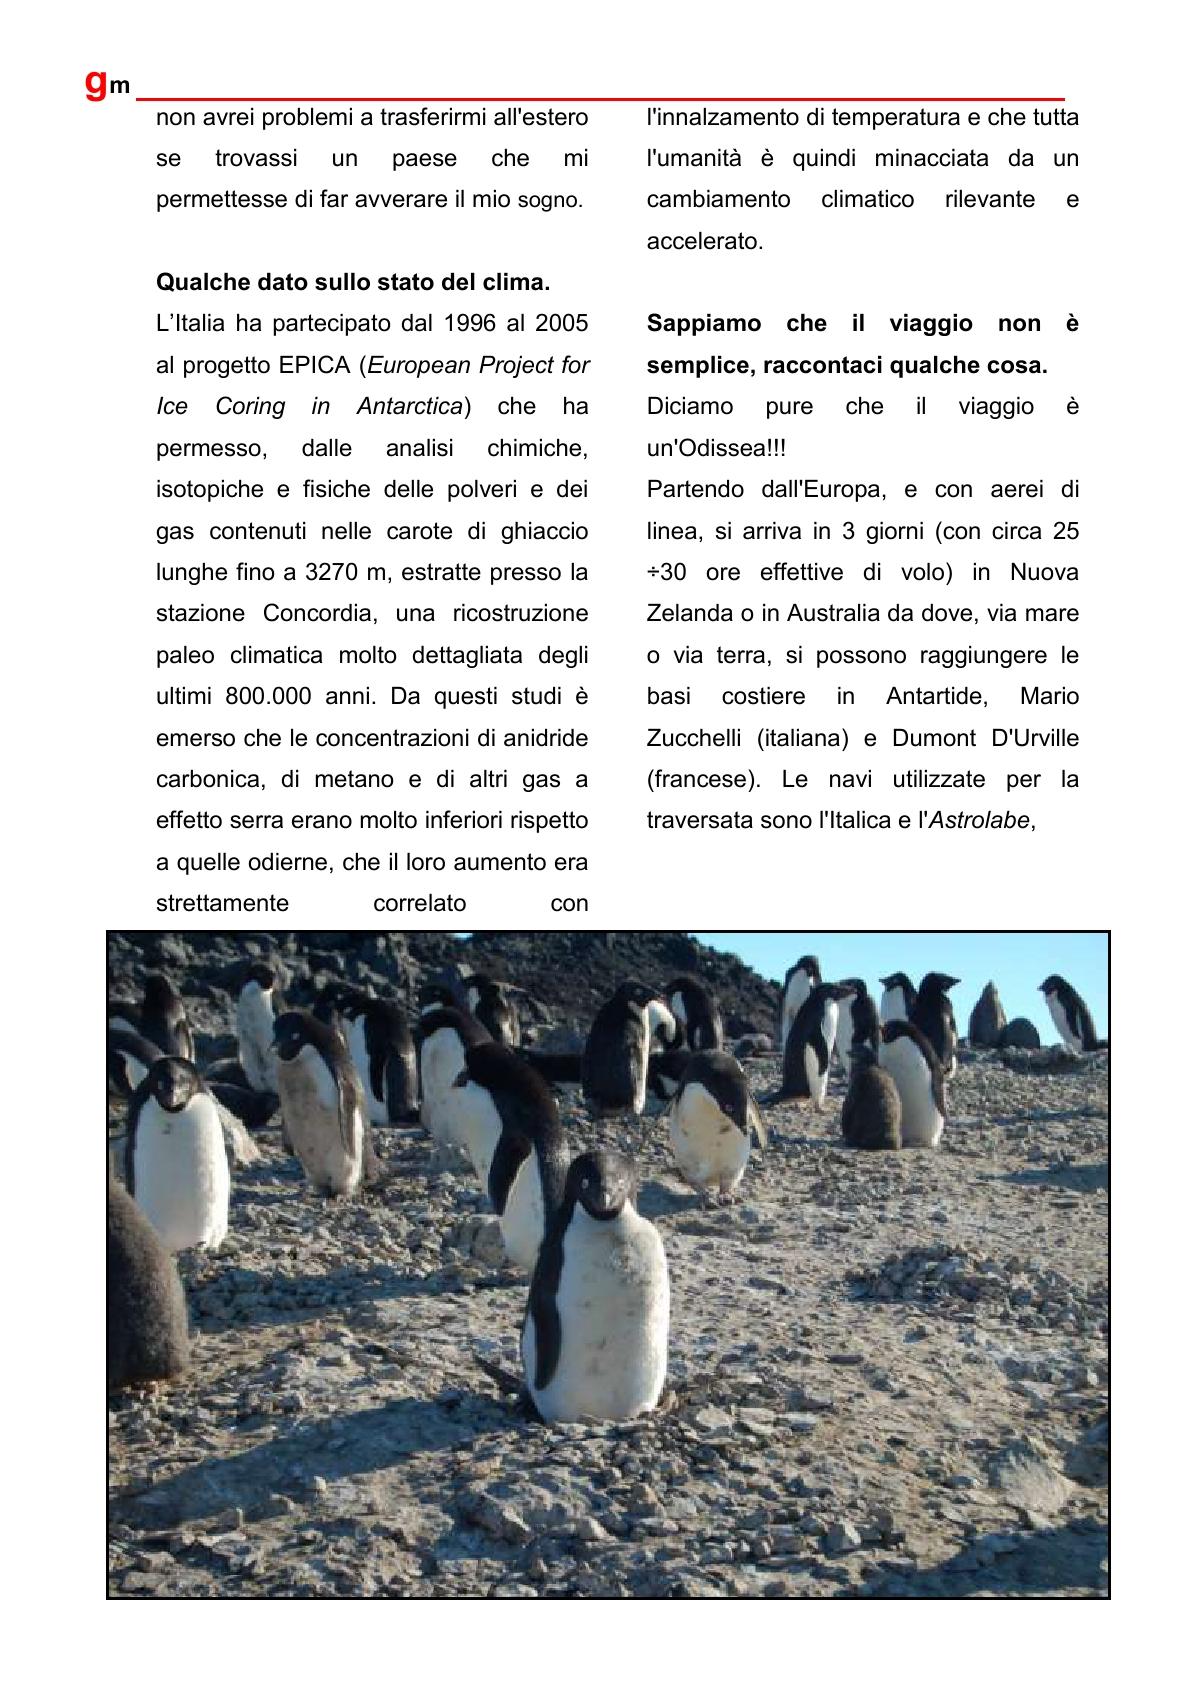 Intervista a Simonetta Montaguti5